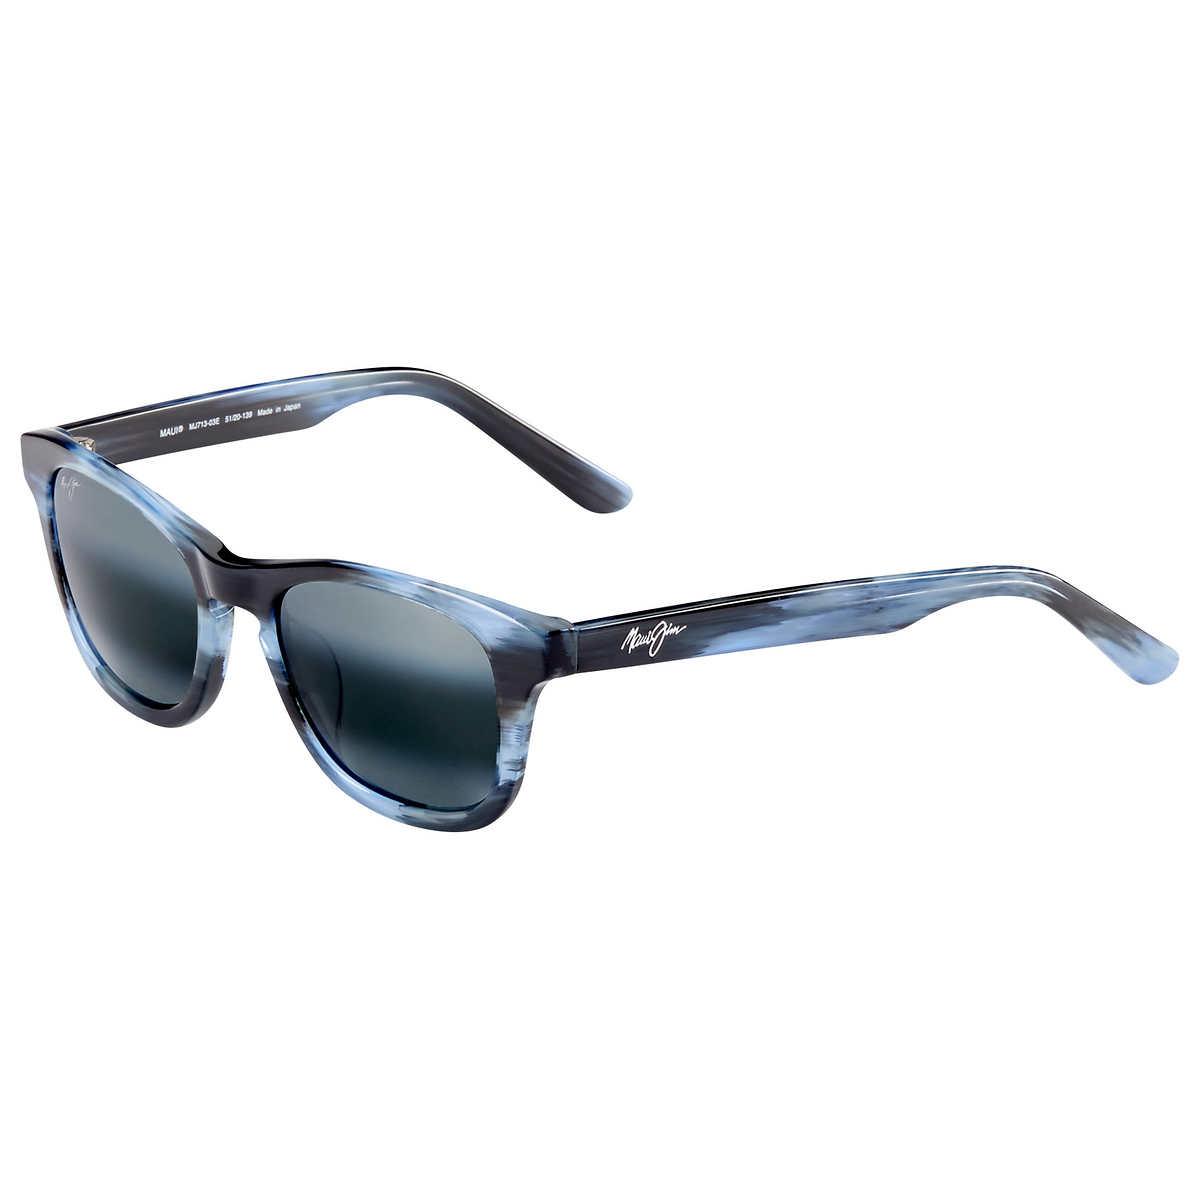 32cbb51199 Maui Jim Ka a Point 713-03E Blue Polarized Sunglasses